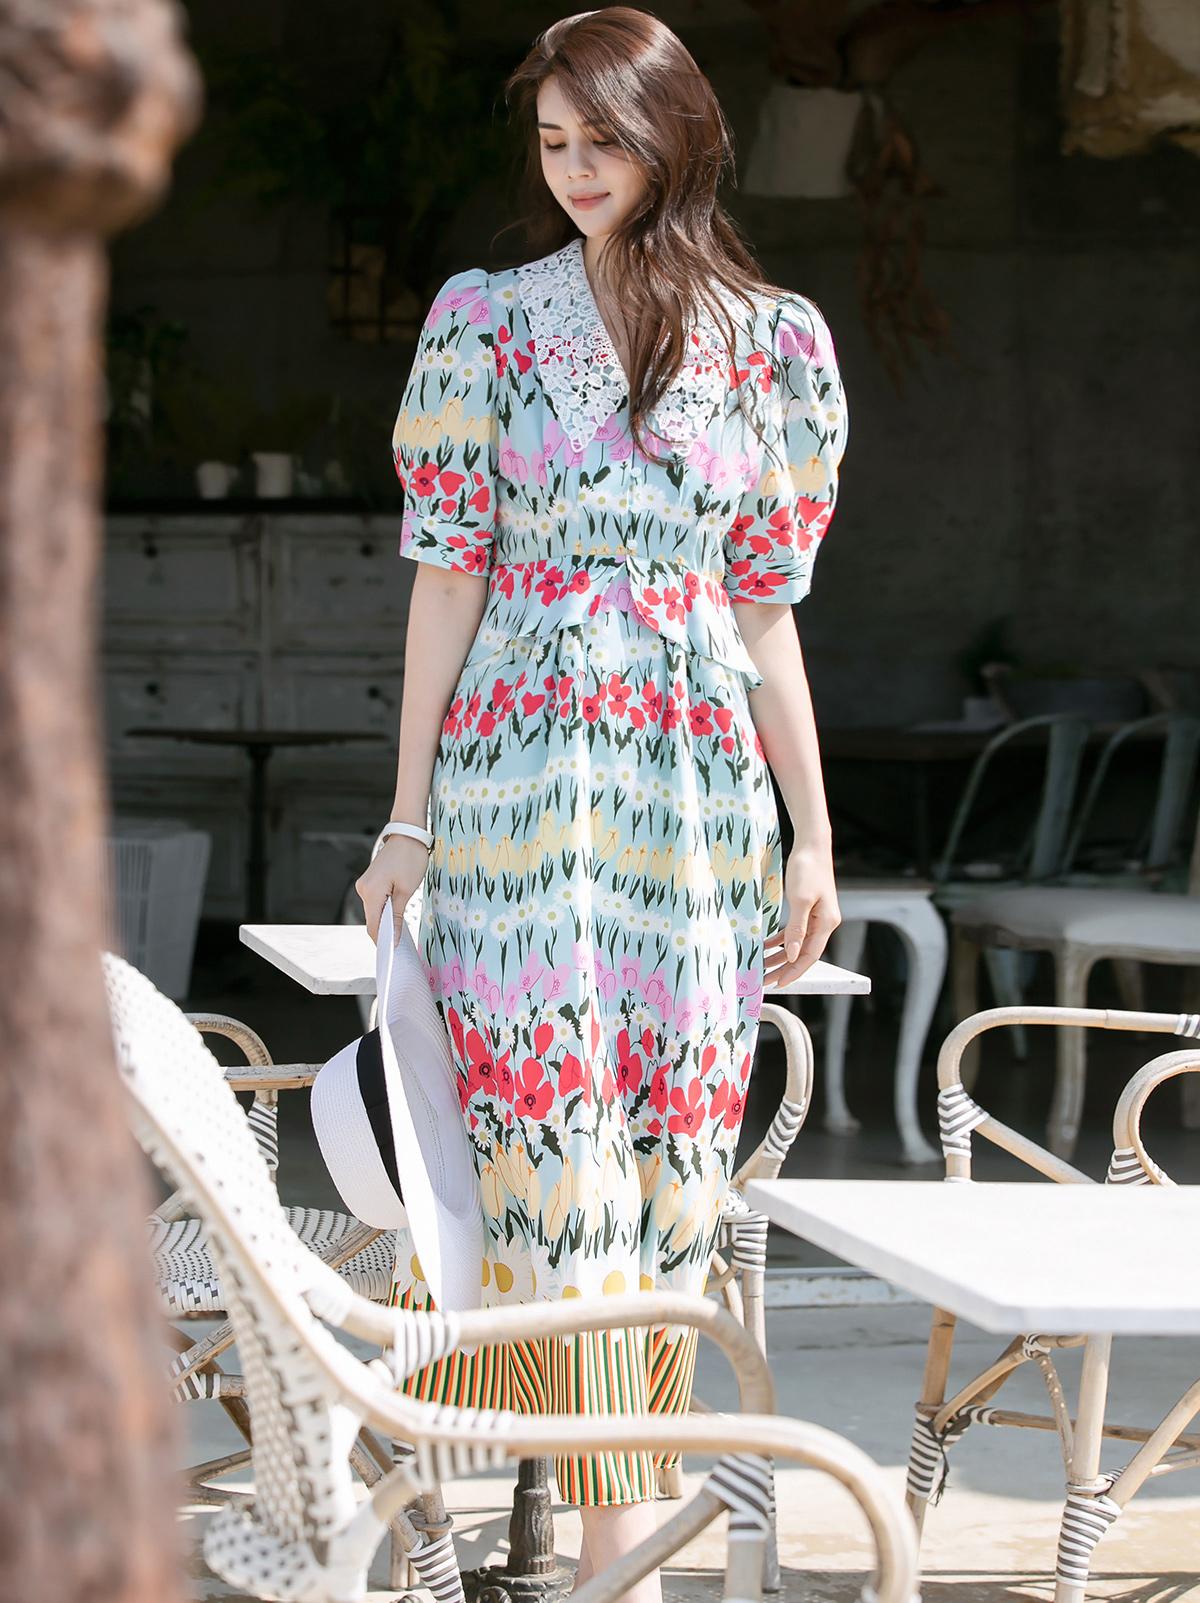 D4020 花纹宽袖连身裙